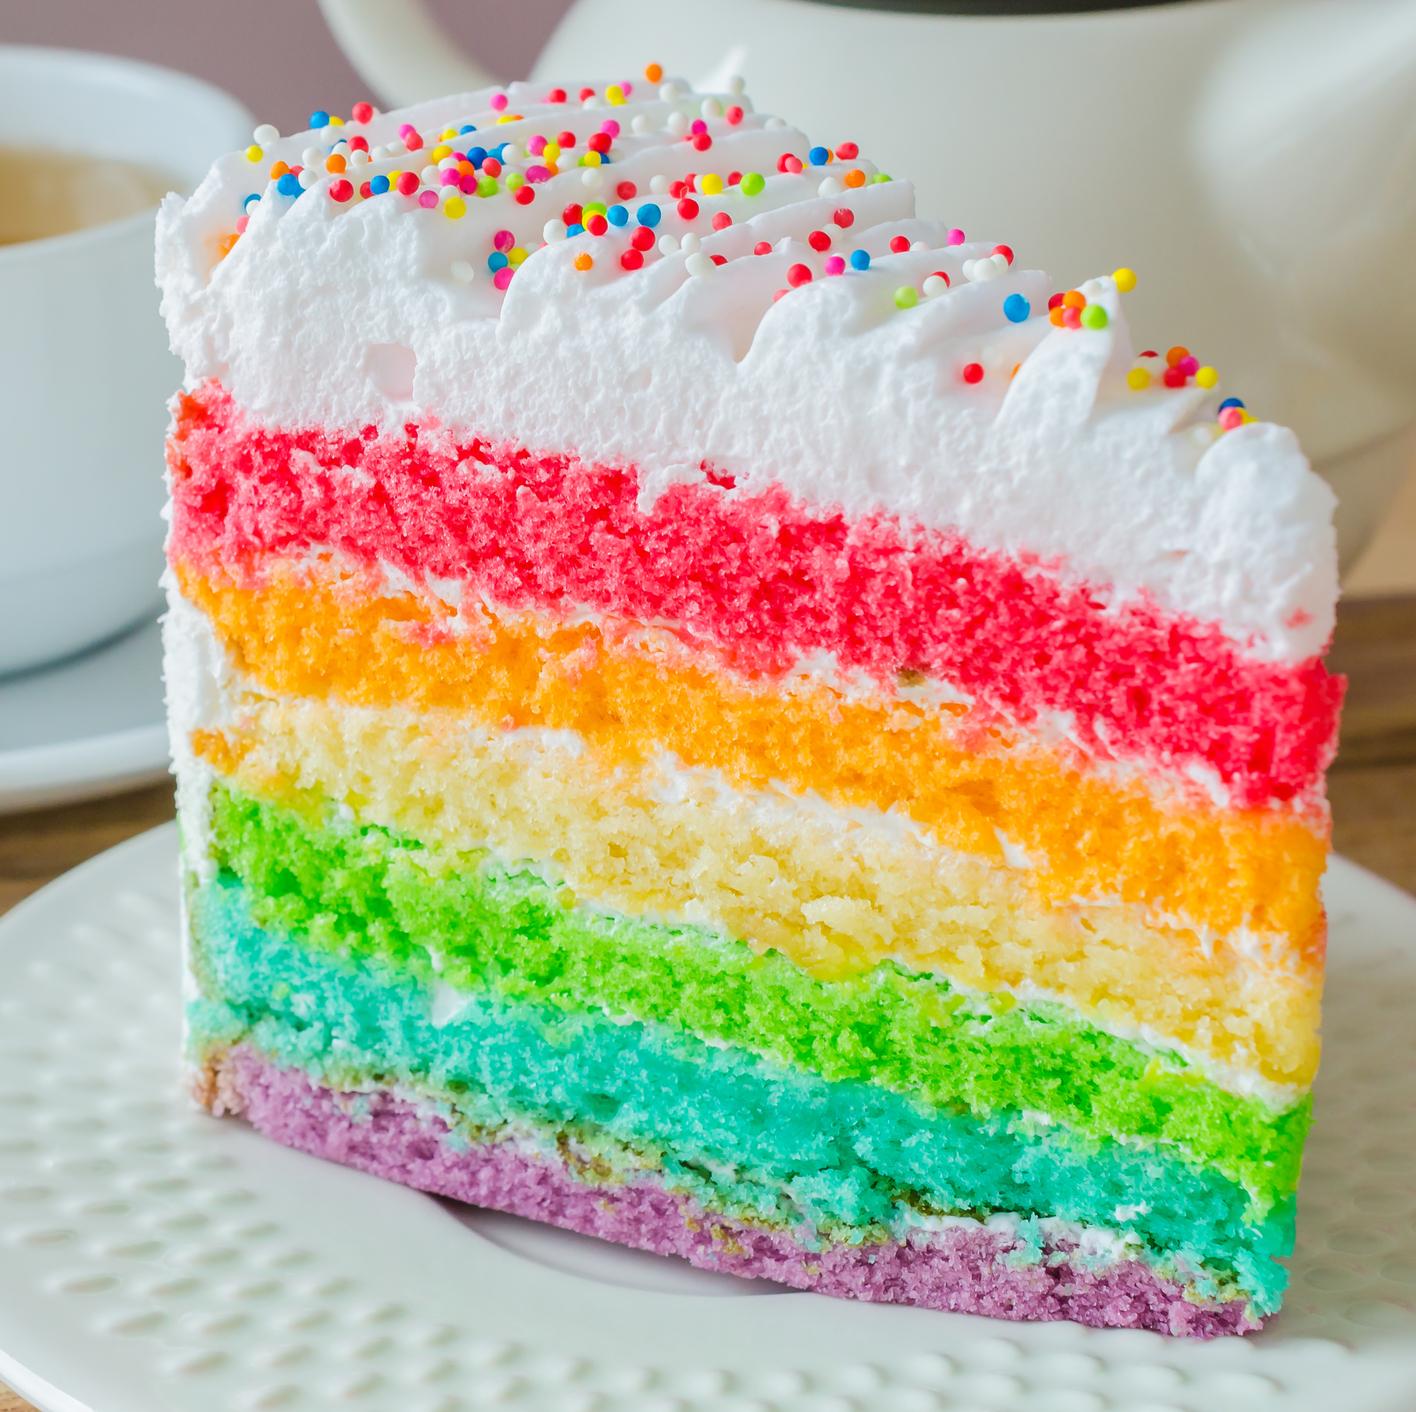 выпечка тортрадужныйрецепт с фото